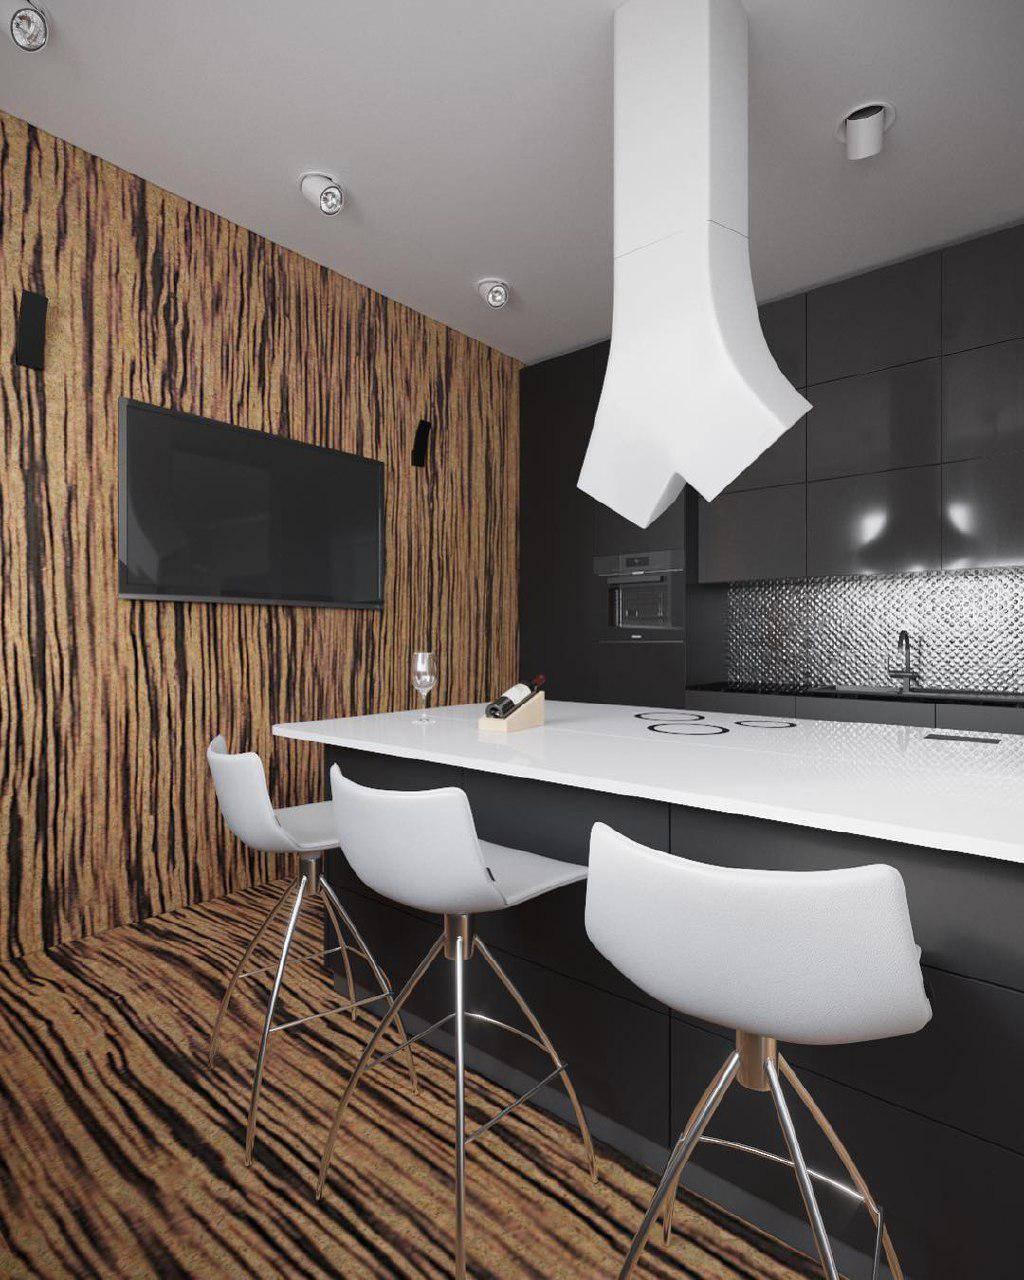 Эклектика в интерьере: новые решения в дизайне помещений, современный стиль